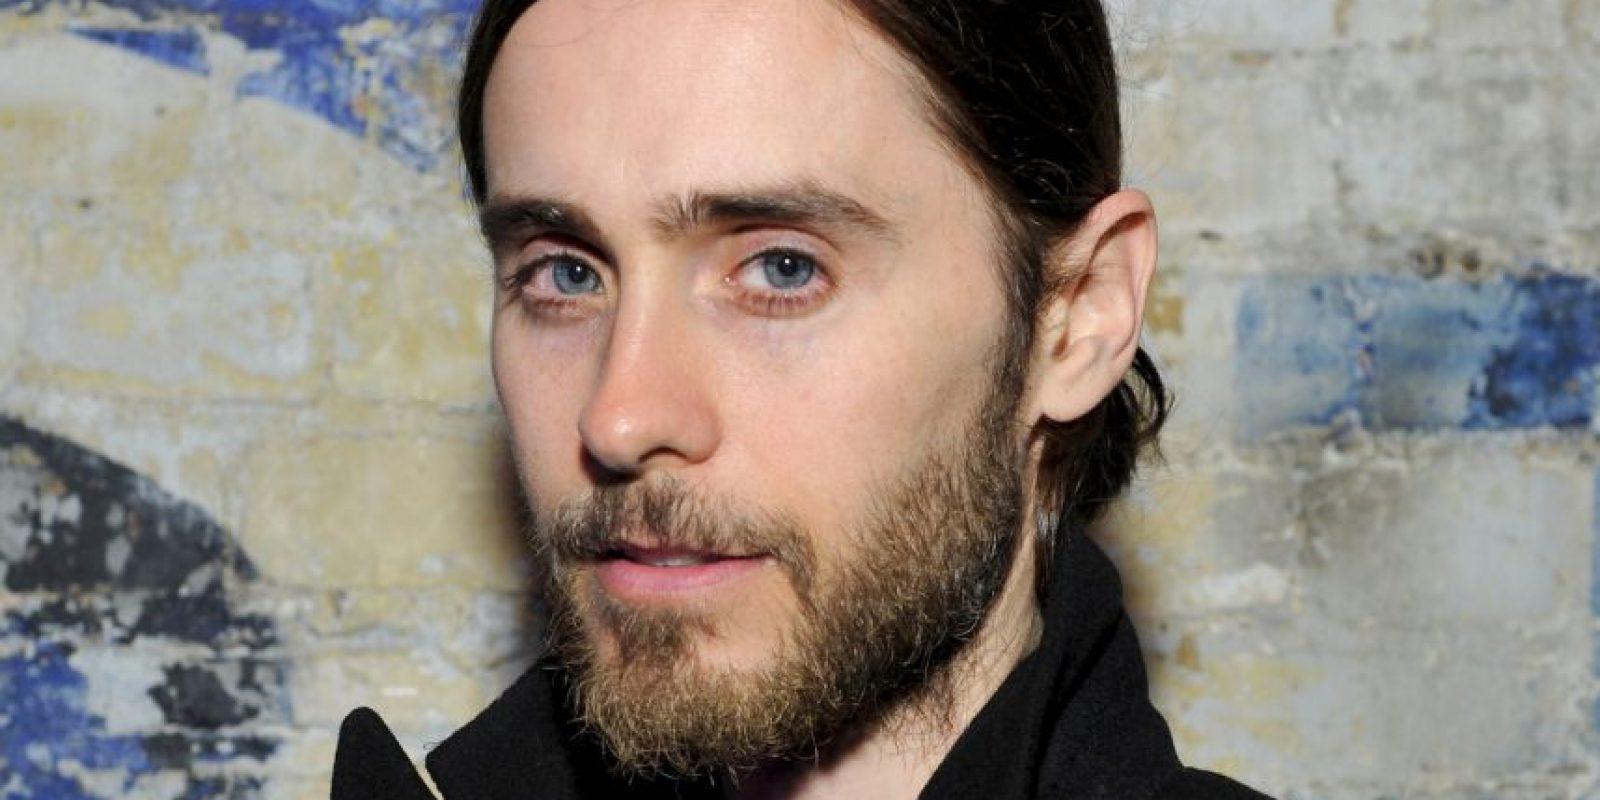 Este lo interpretará Jared Leto. Foto:Getty Images